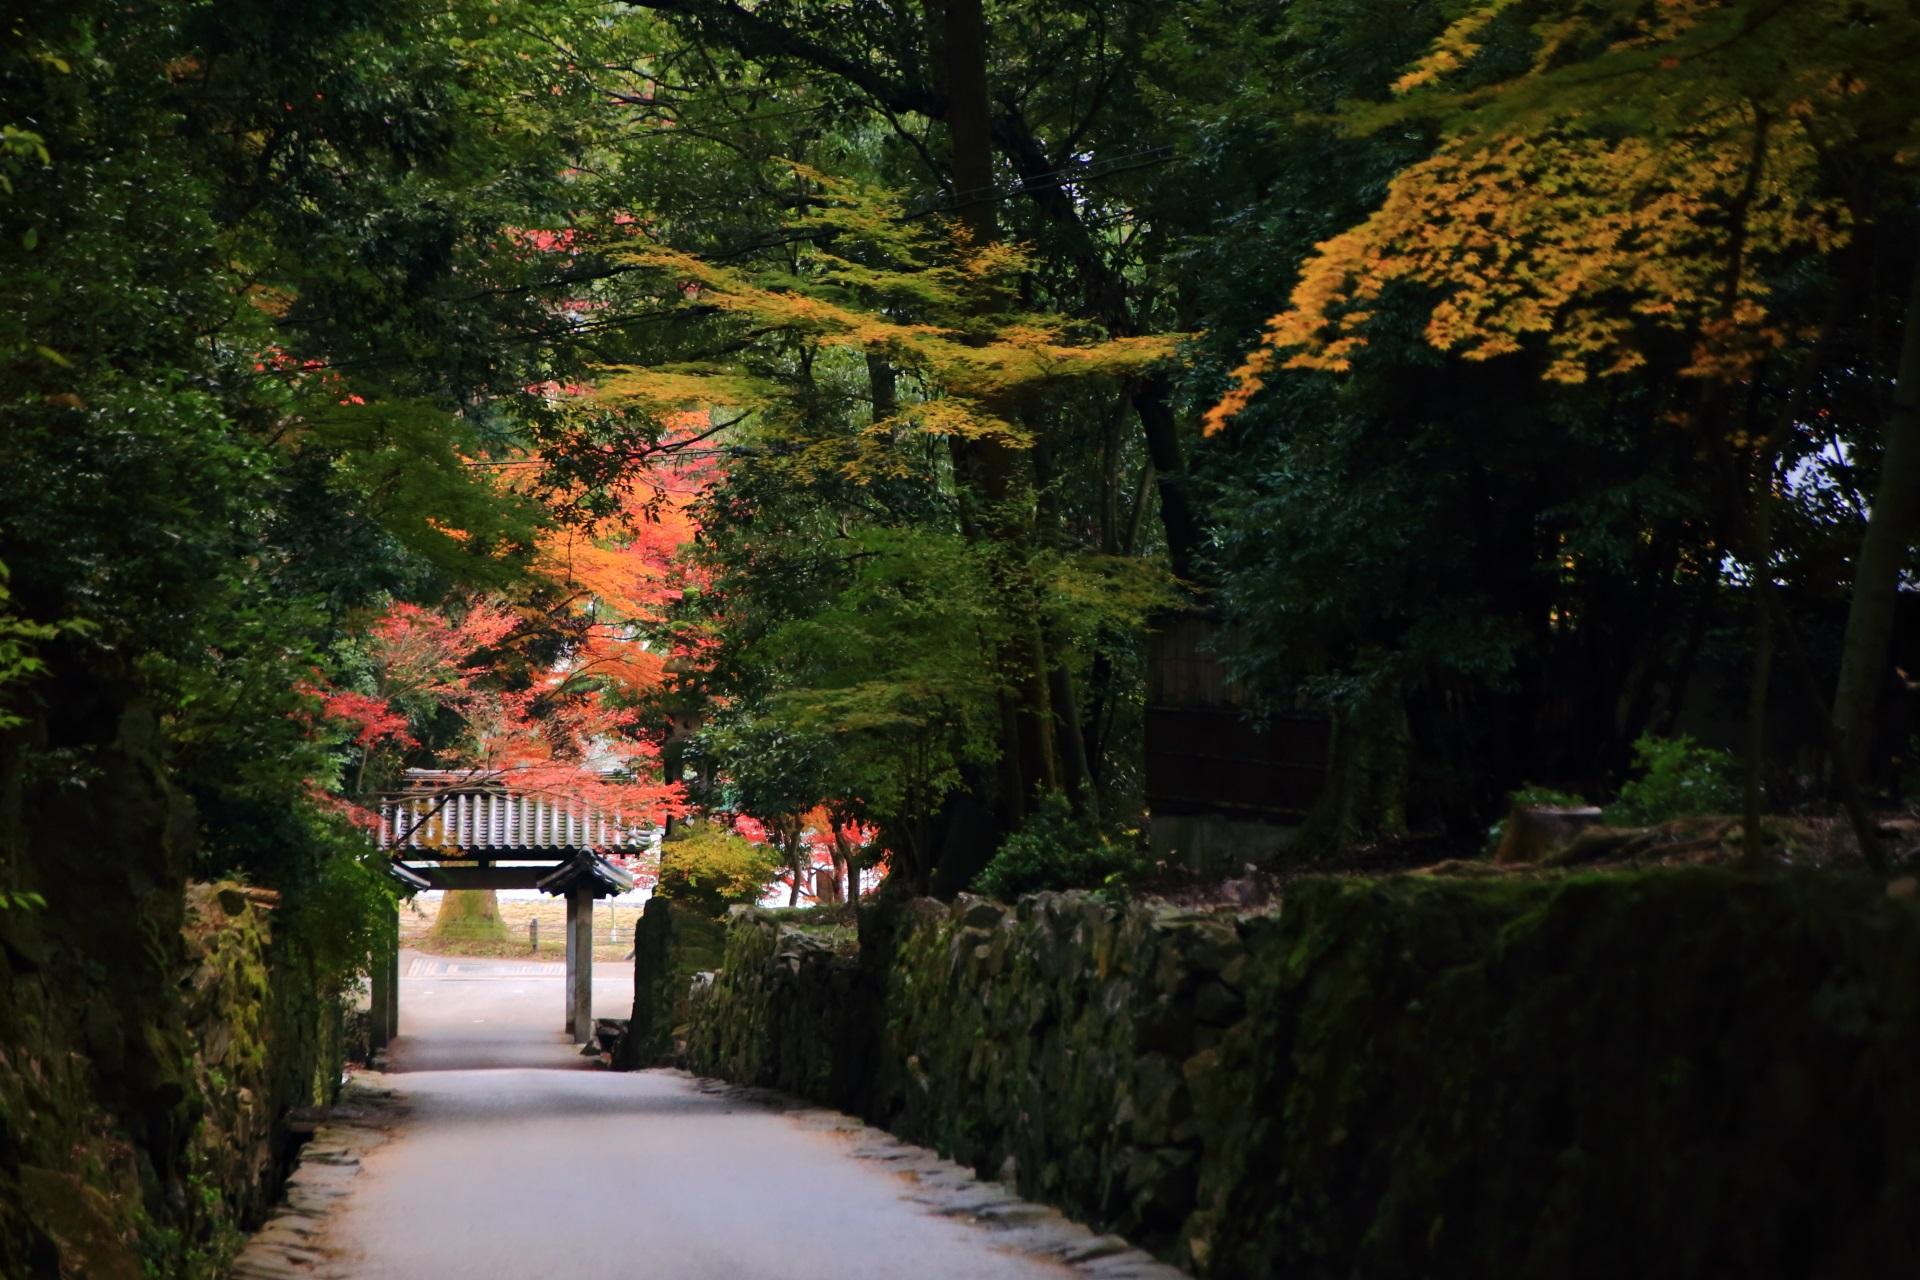 多種多様な木々につつまれた琴坂と紅葉の華やぐ興聖寺の石門